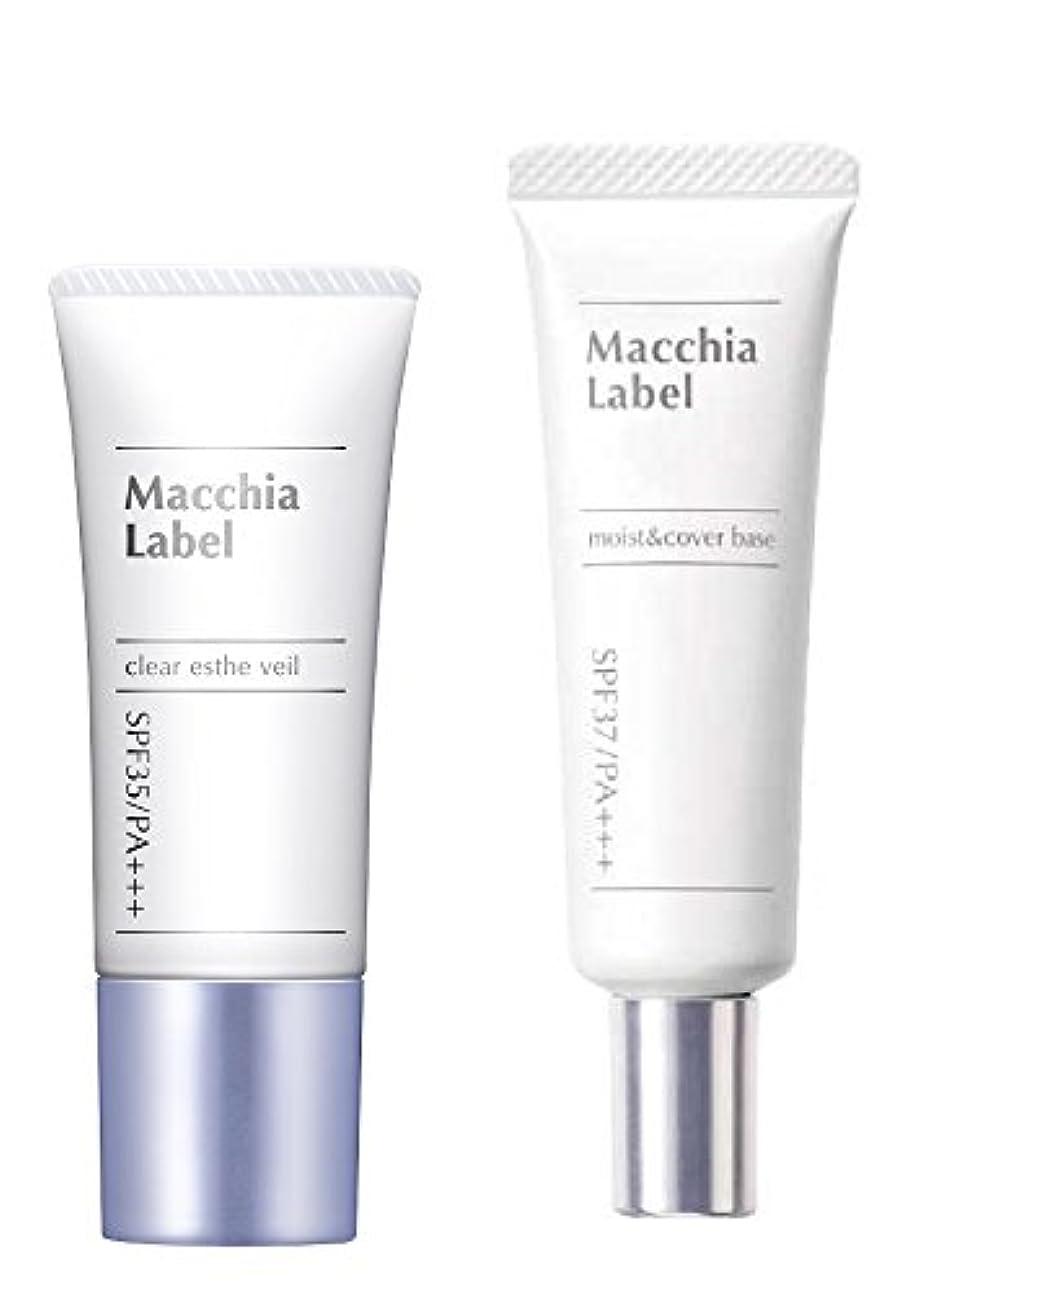 経験者贈り物分子MacchiaLabel 薬用クリアエステヴェール13ml+薬用モイスト&カバーベースセット (ナチュラル)